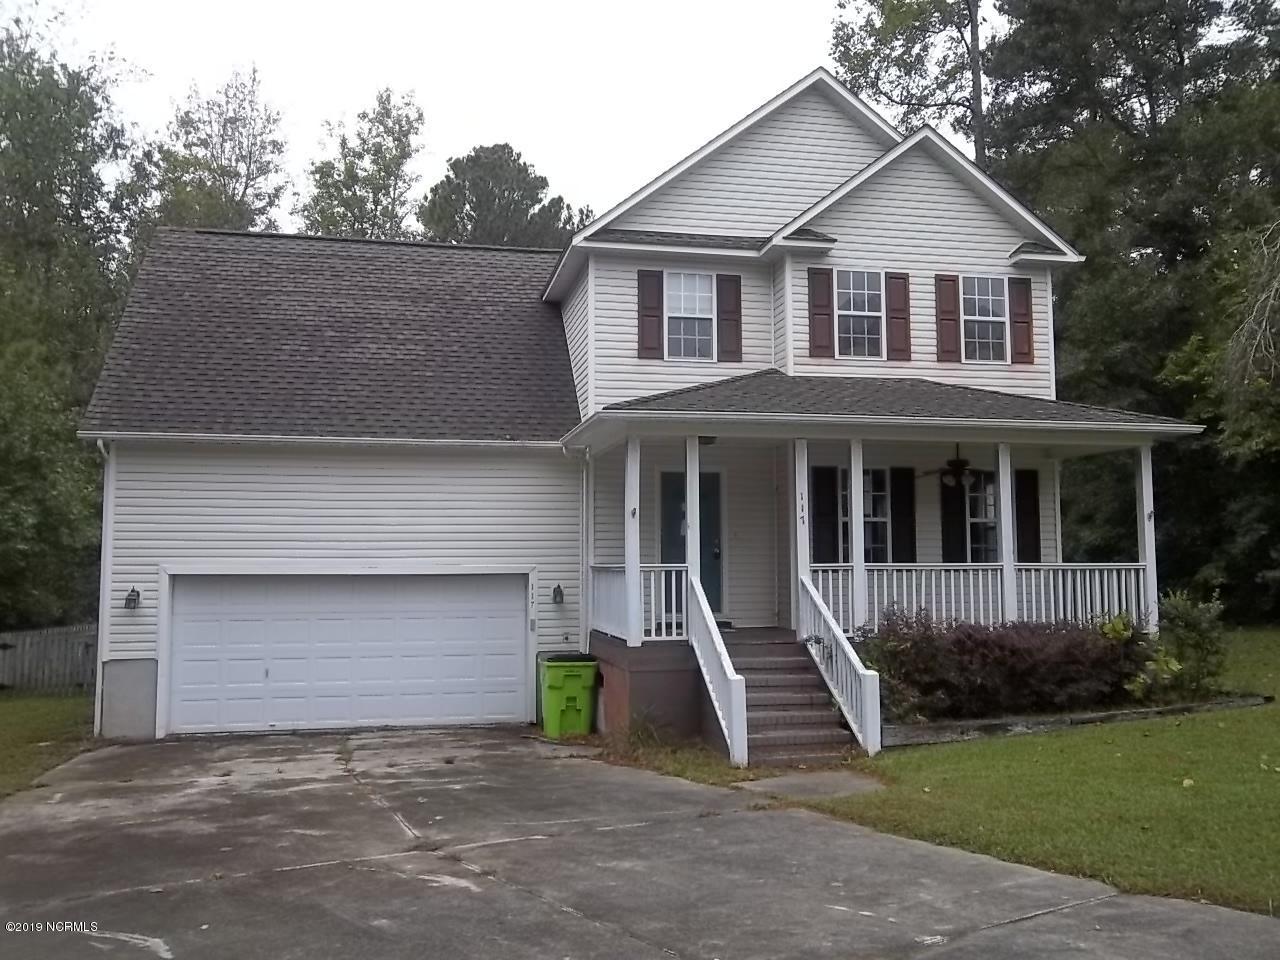 117 Lee K Allen Drive, Havelock, North Carolina 28532, 4 Bedrooms Bedrooms, 7 Rooms Rooms,2 BathroomsBathrooms,Single family residence,For sale,Lee K Allen,100188029